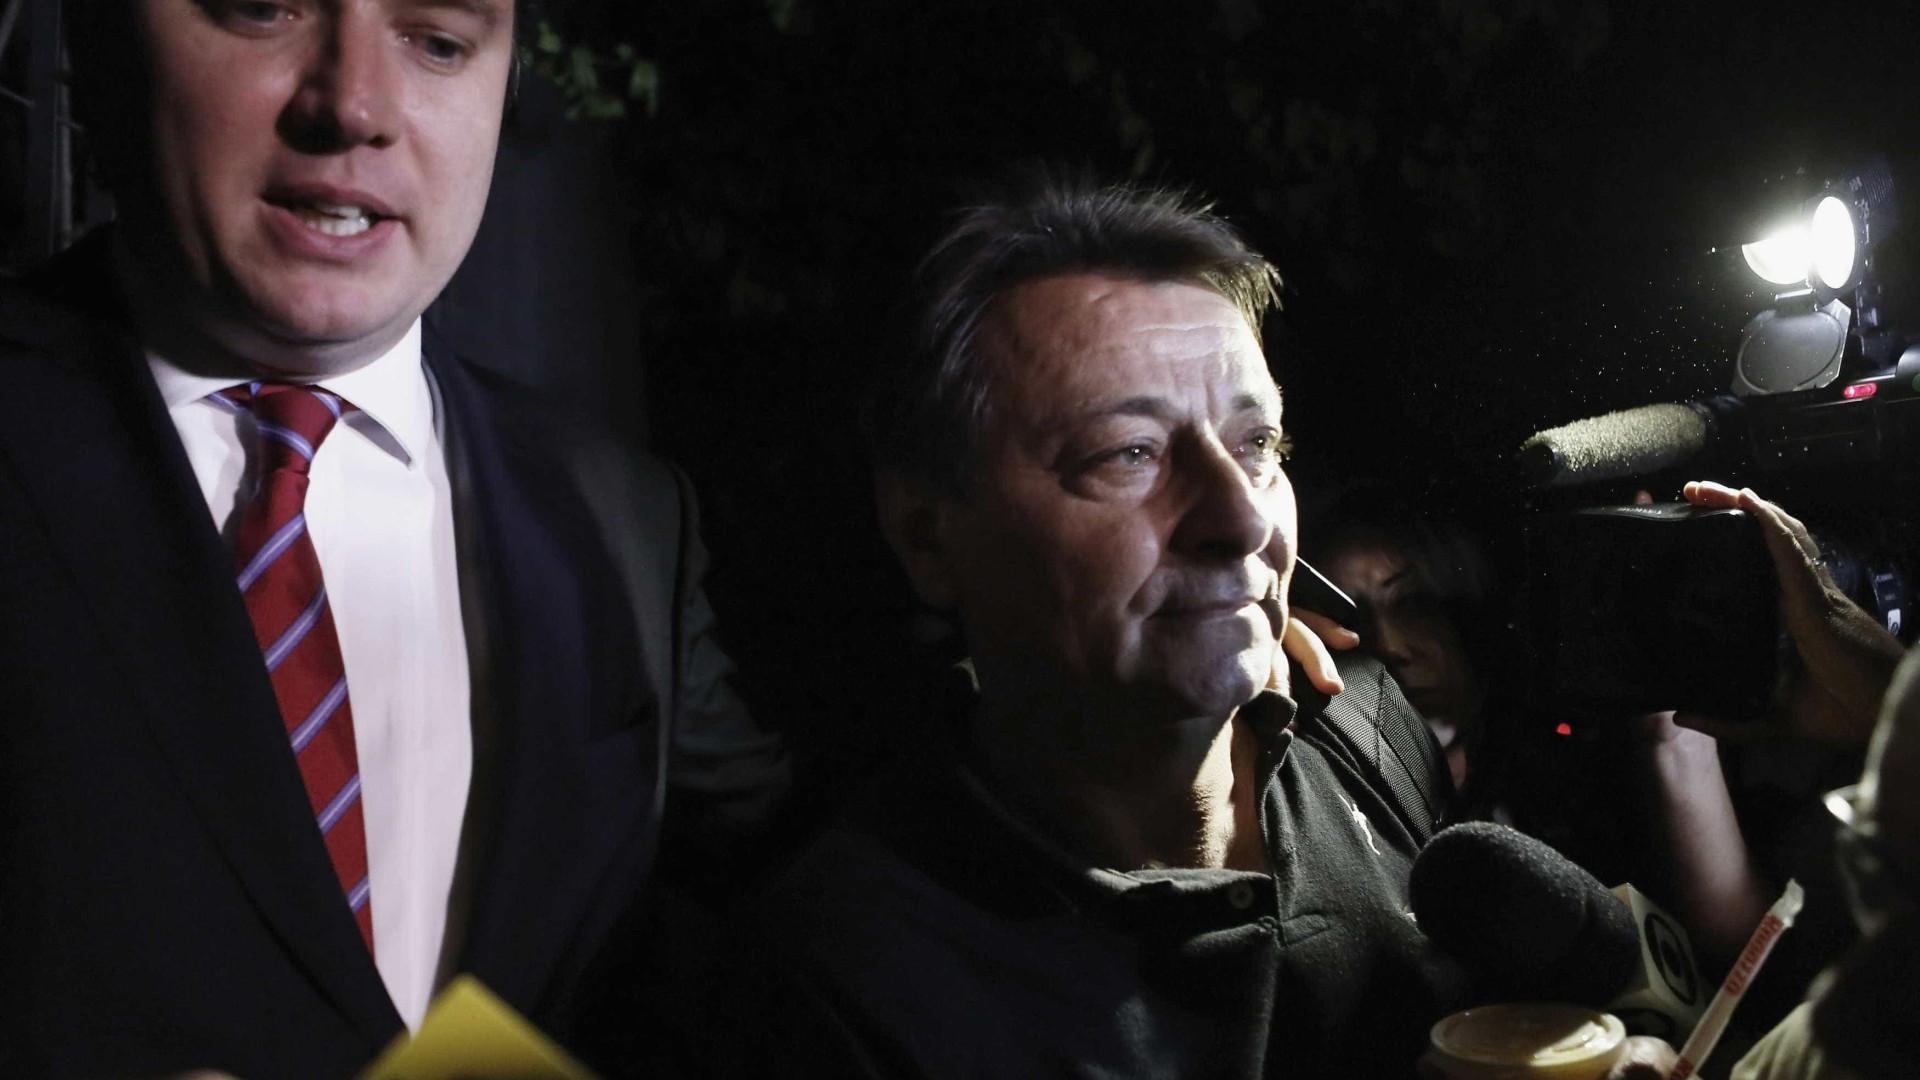 Battisti vai da Bolívia direto para Roma, afirma premiê italiano